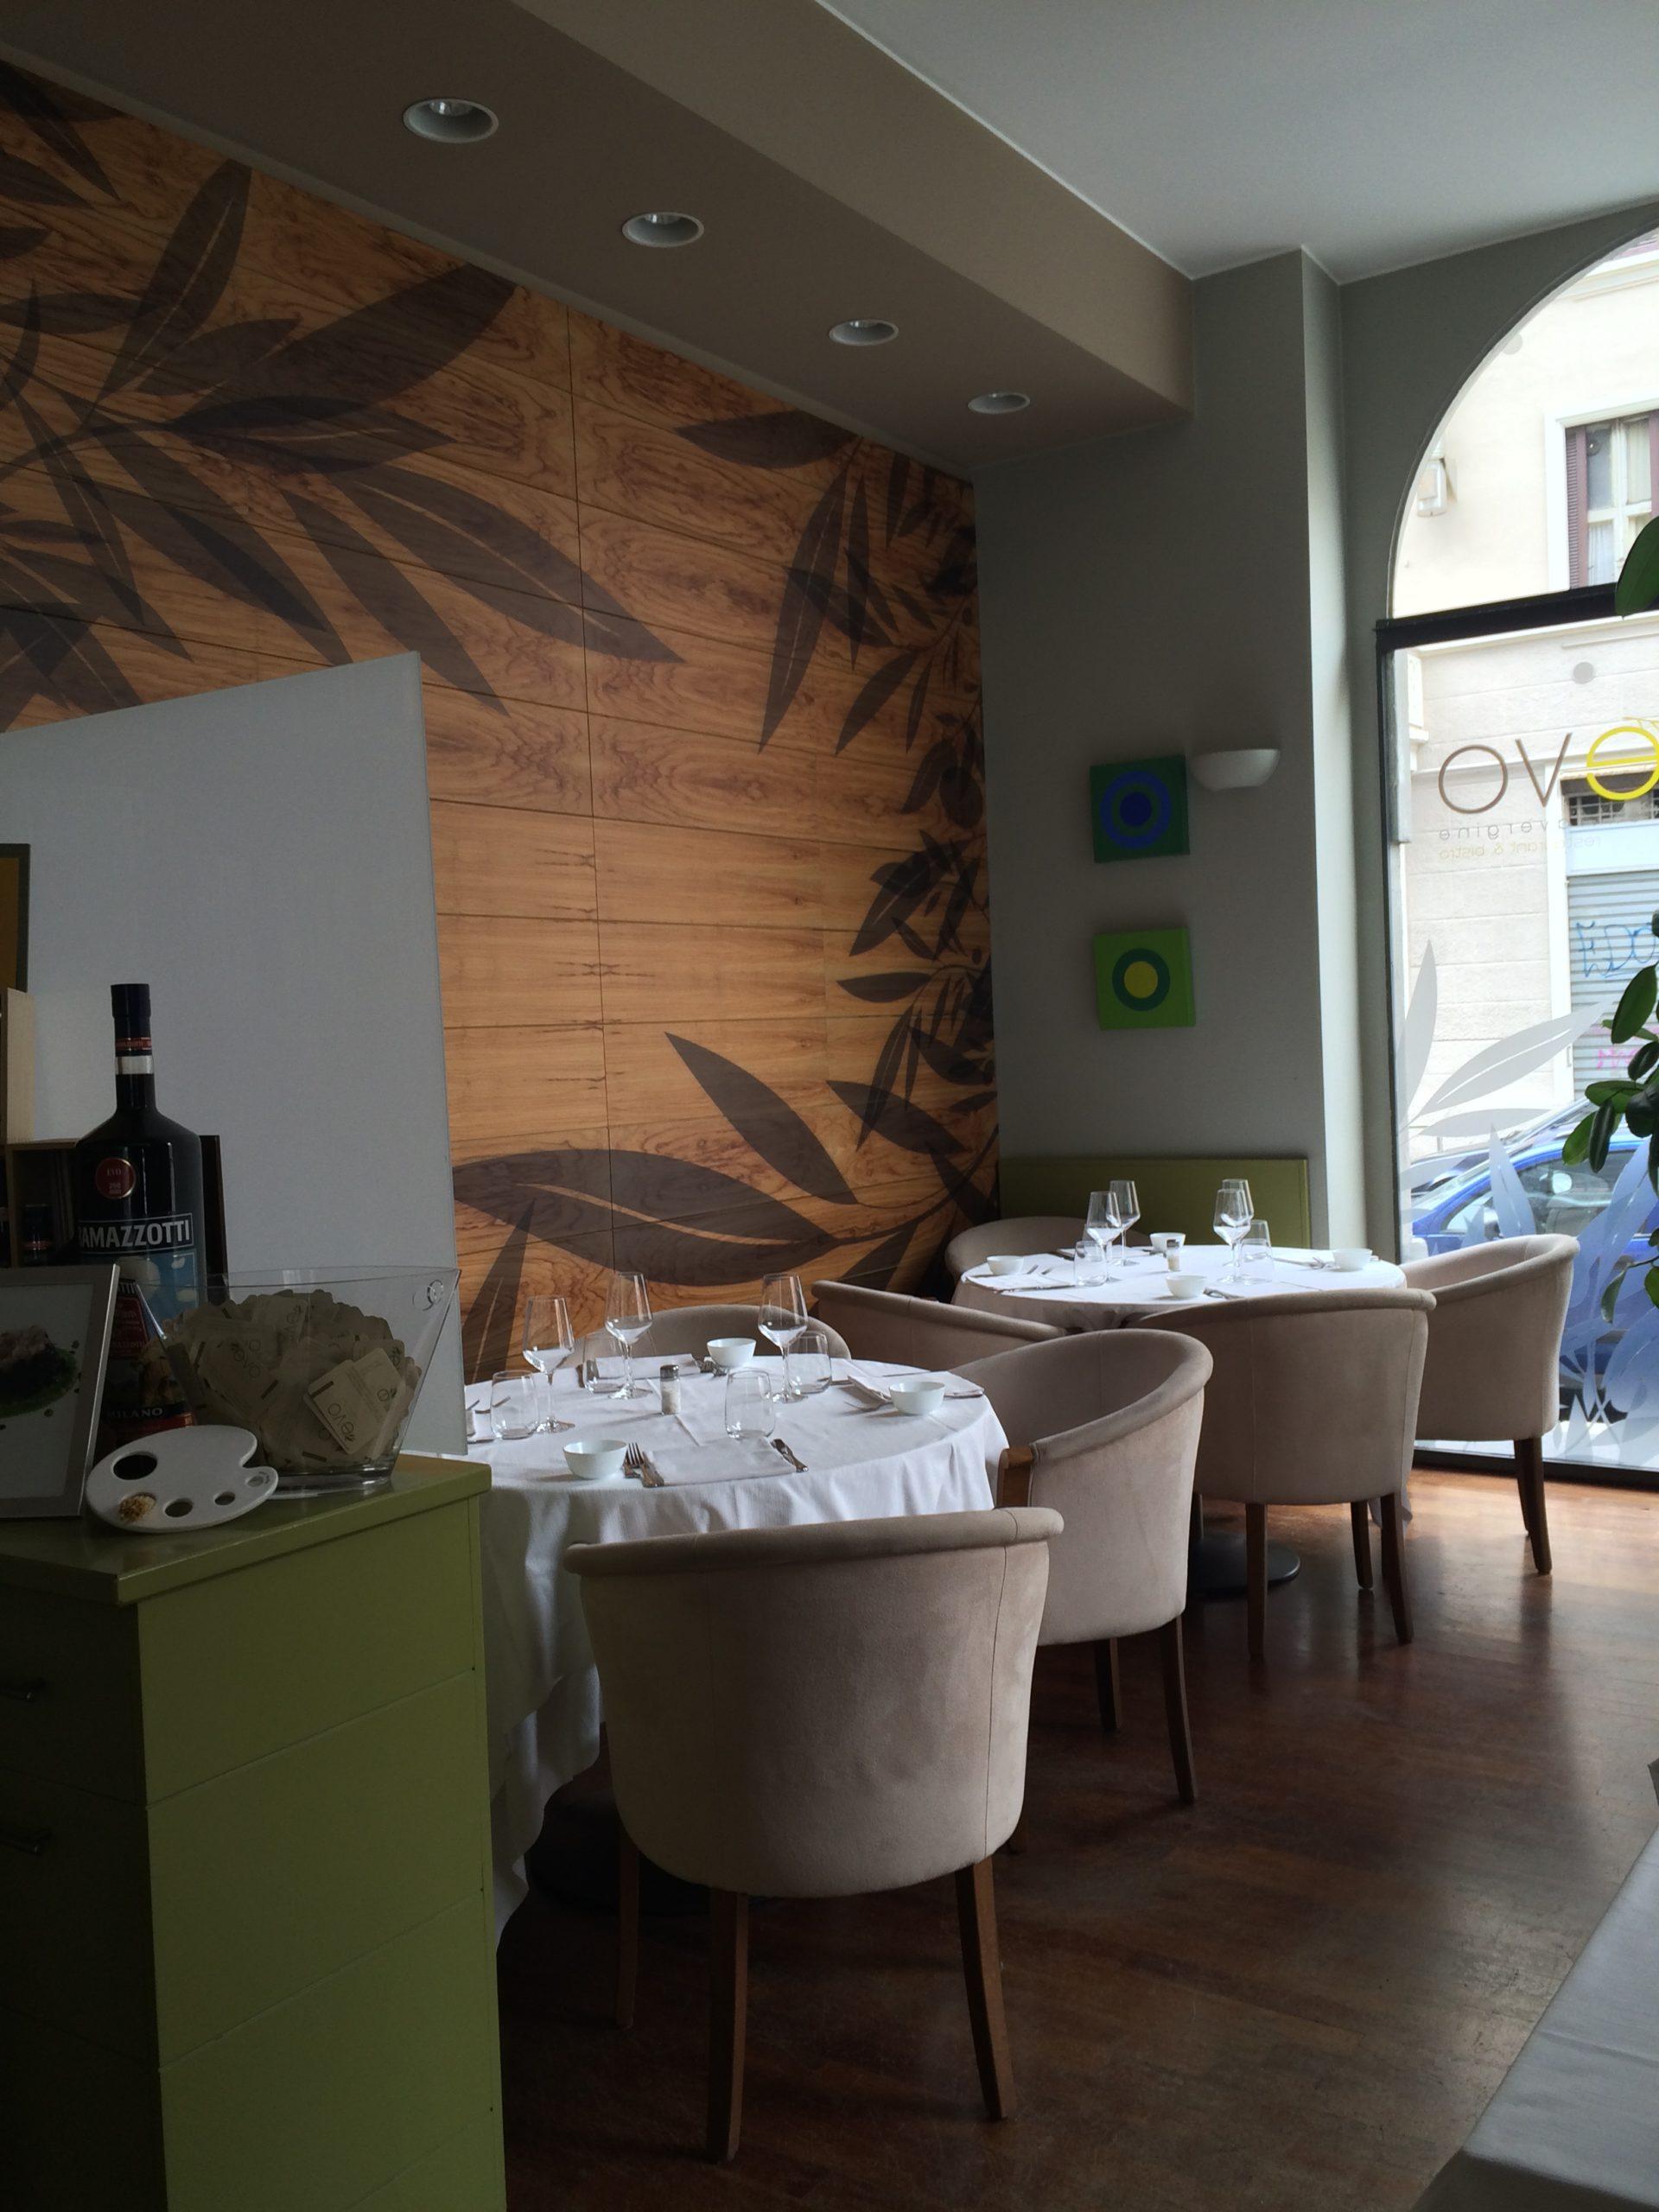 1. Sala ristorante con vista lato bancone, controsoffitto con illuminazione led ad incasso, e vetrina ad arco: stato di fatto.